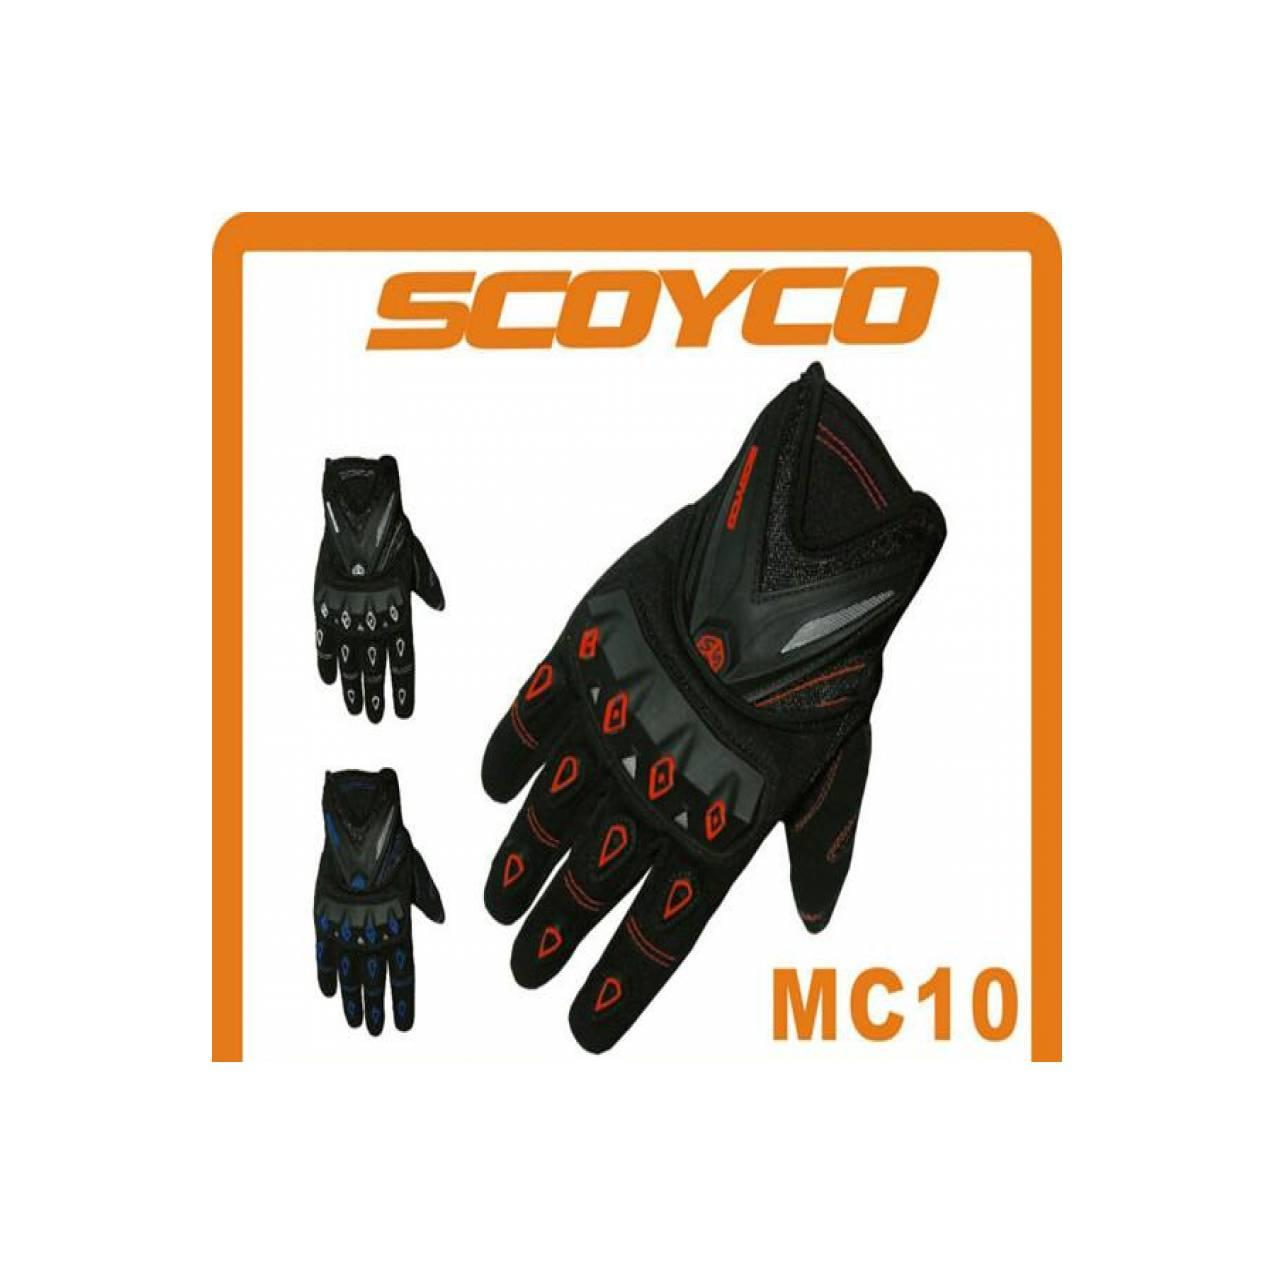 Scoyco Sarung Tangan Mc 12d Daftar Harga Terlengkap Indonesia Glove 29 Mc29 Full Original Motor Mx 14 08 09 10 12